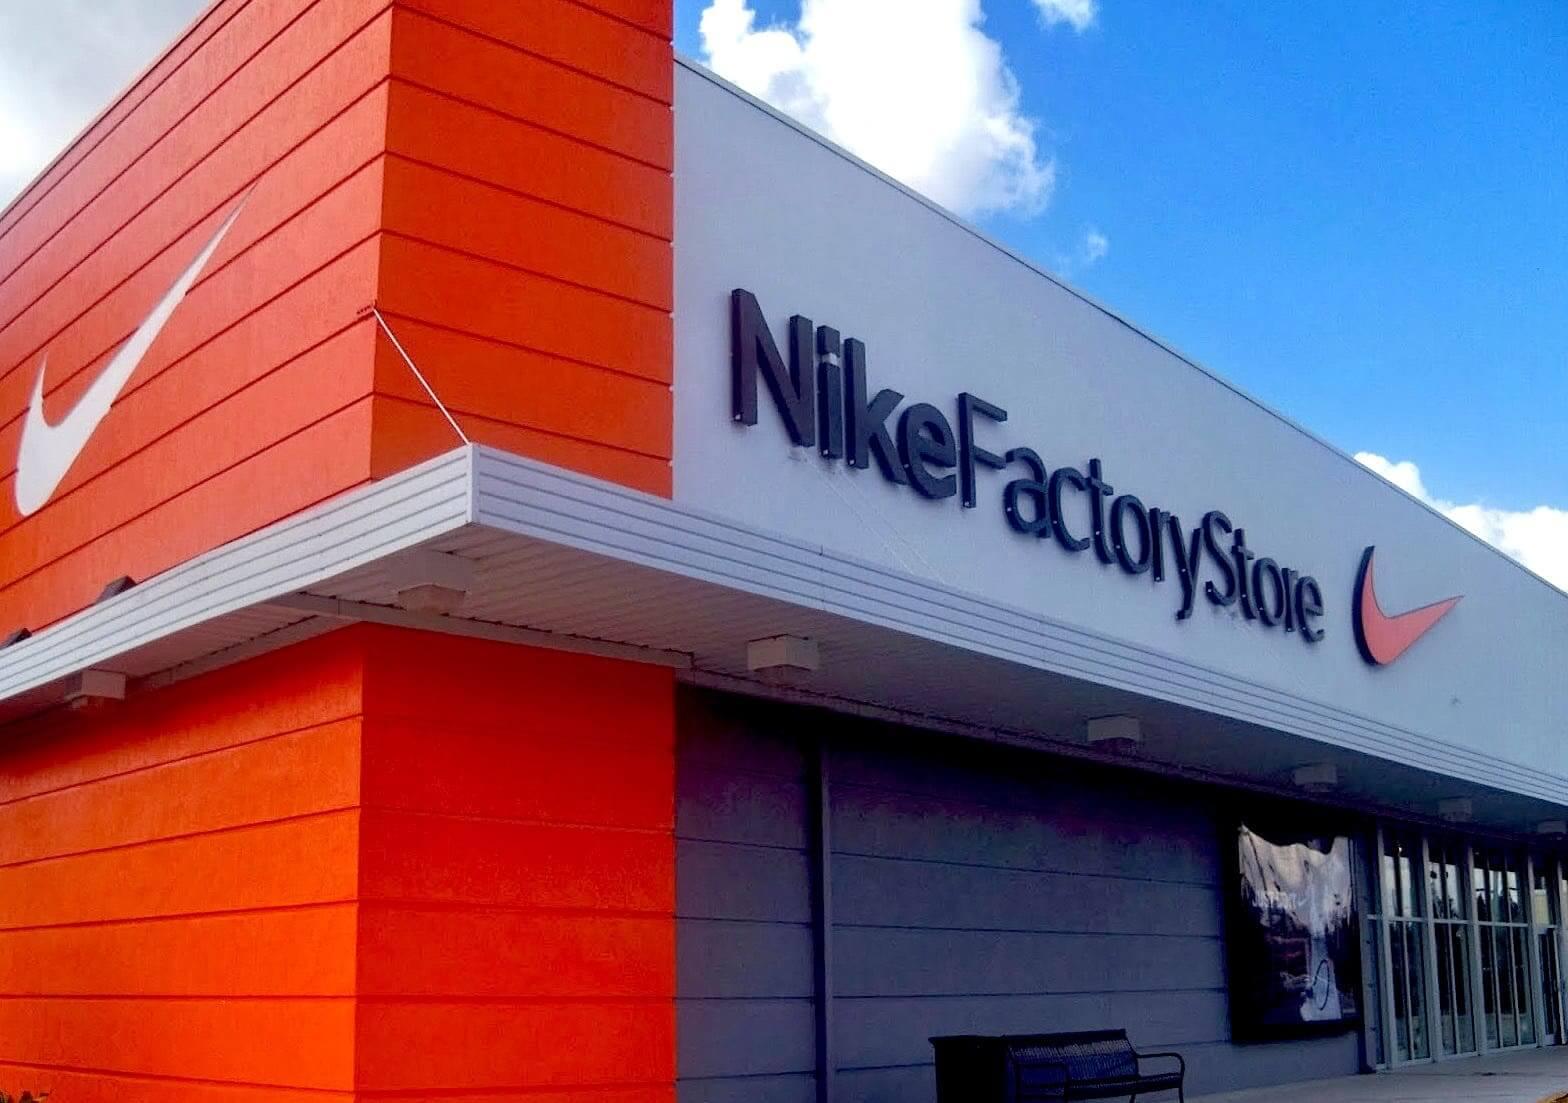 Factory outlet là gì? Factory outlet bán hàng gì?